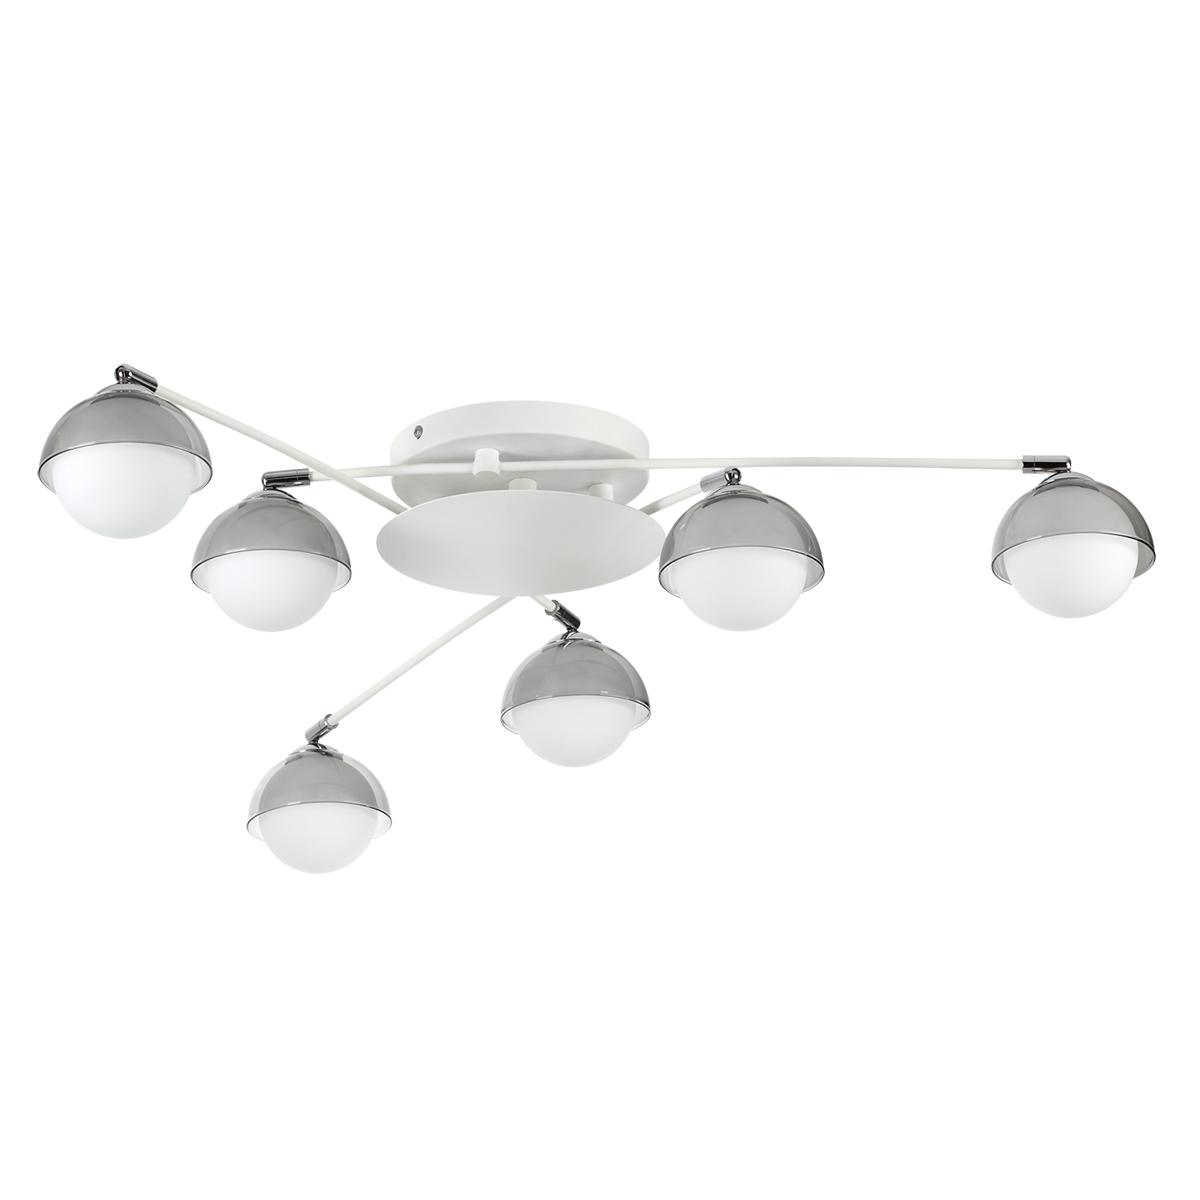 Потолочная люстра с регулировкой направления света Lumion Dondoo 3597/6C, 6xG9x40W, белый, хром, дымчатый, металл, стекло - фото 2